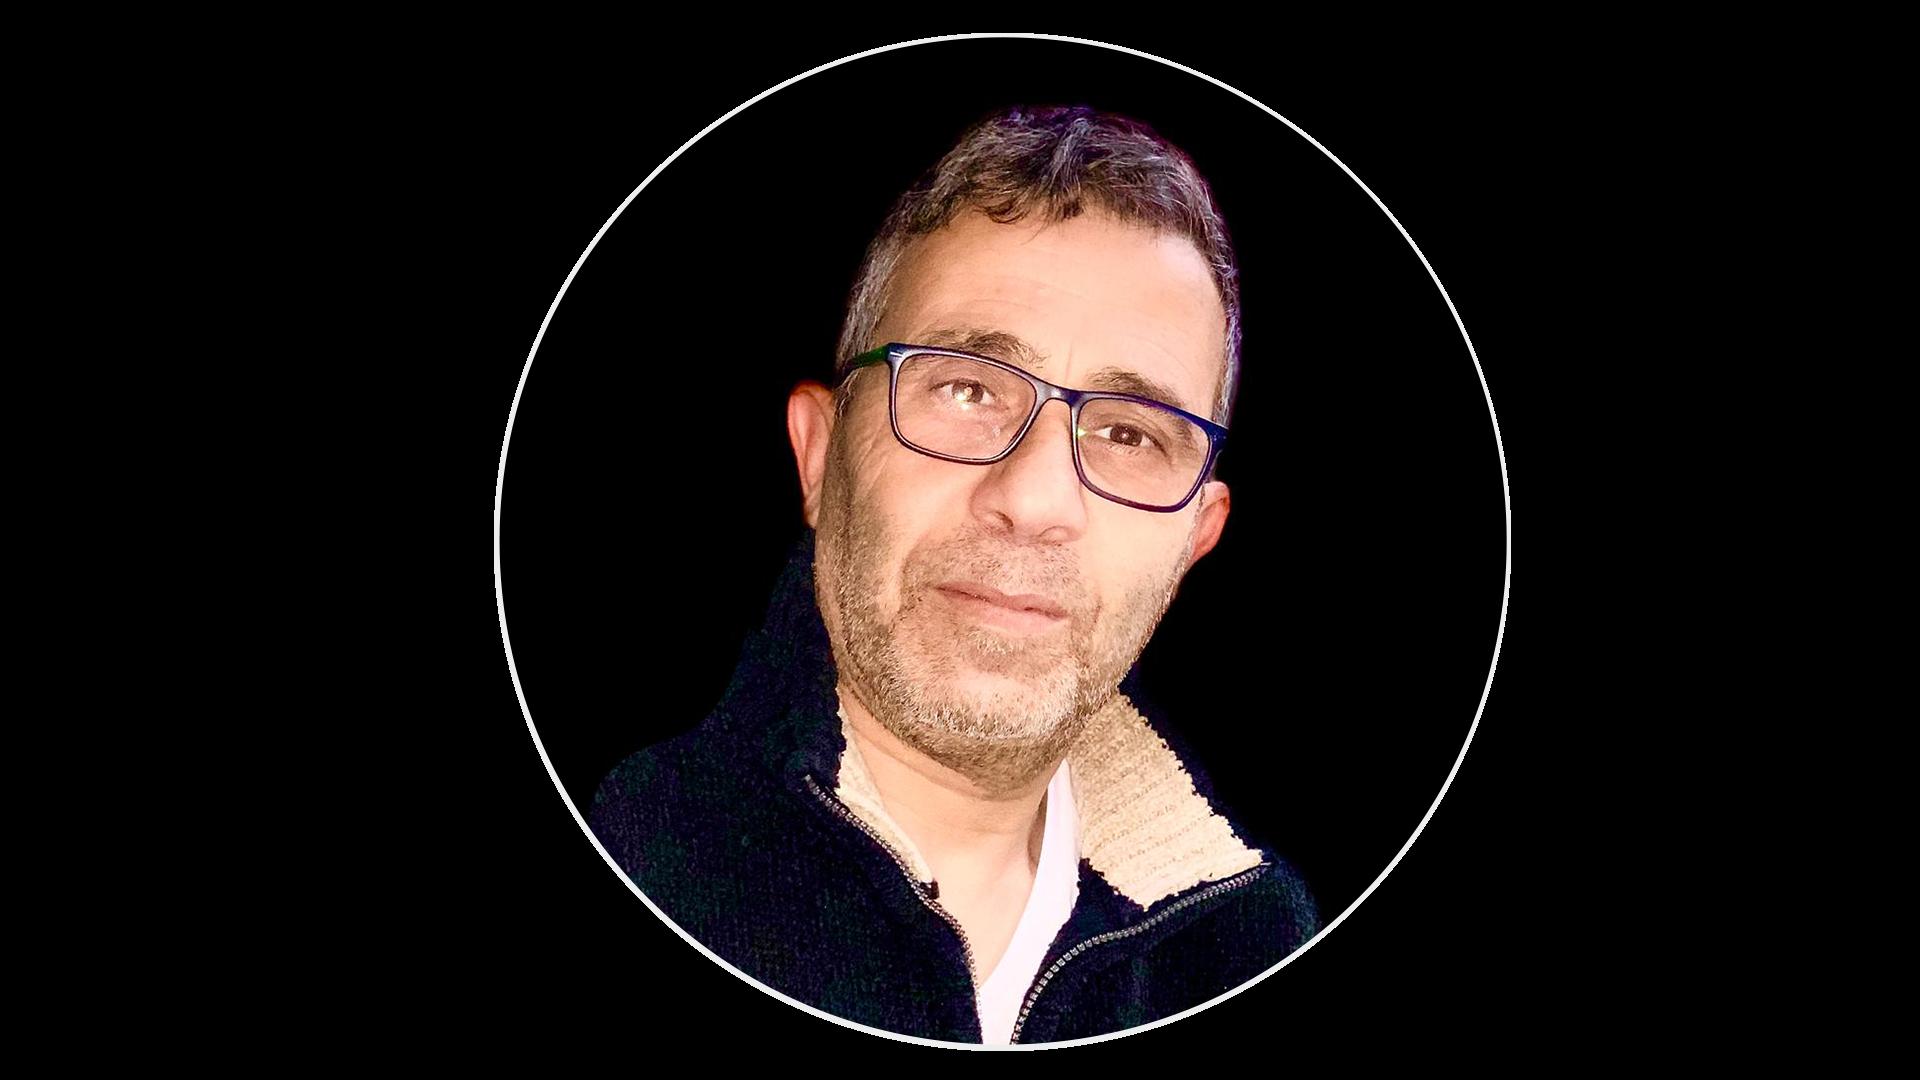 Djamel Ayachi